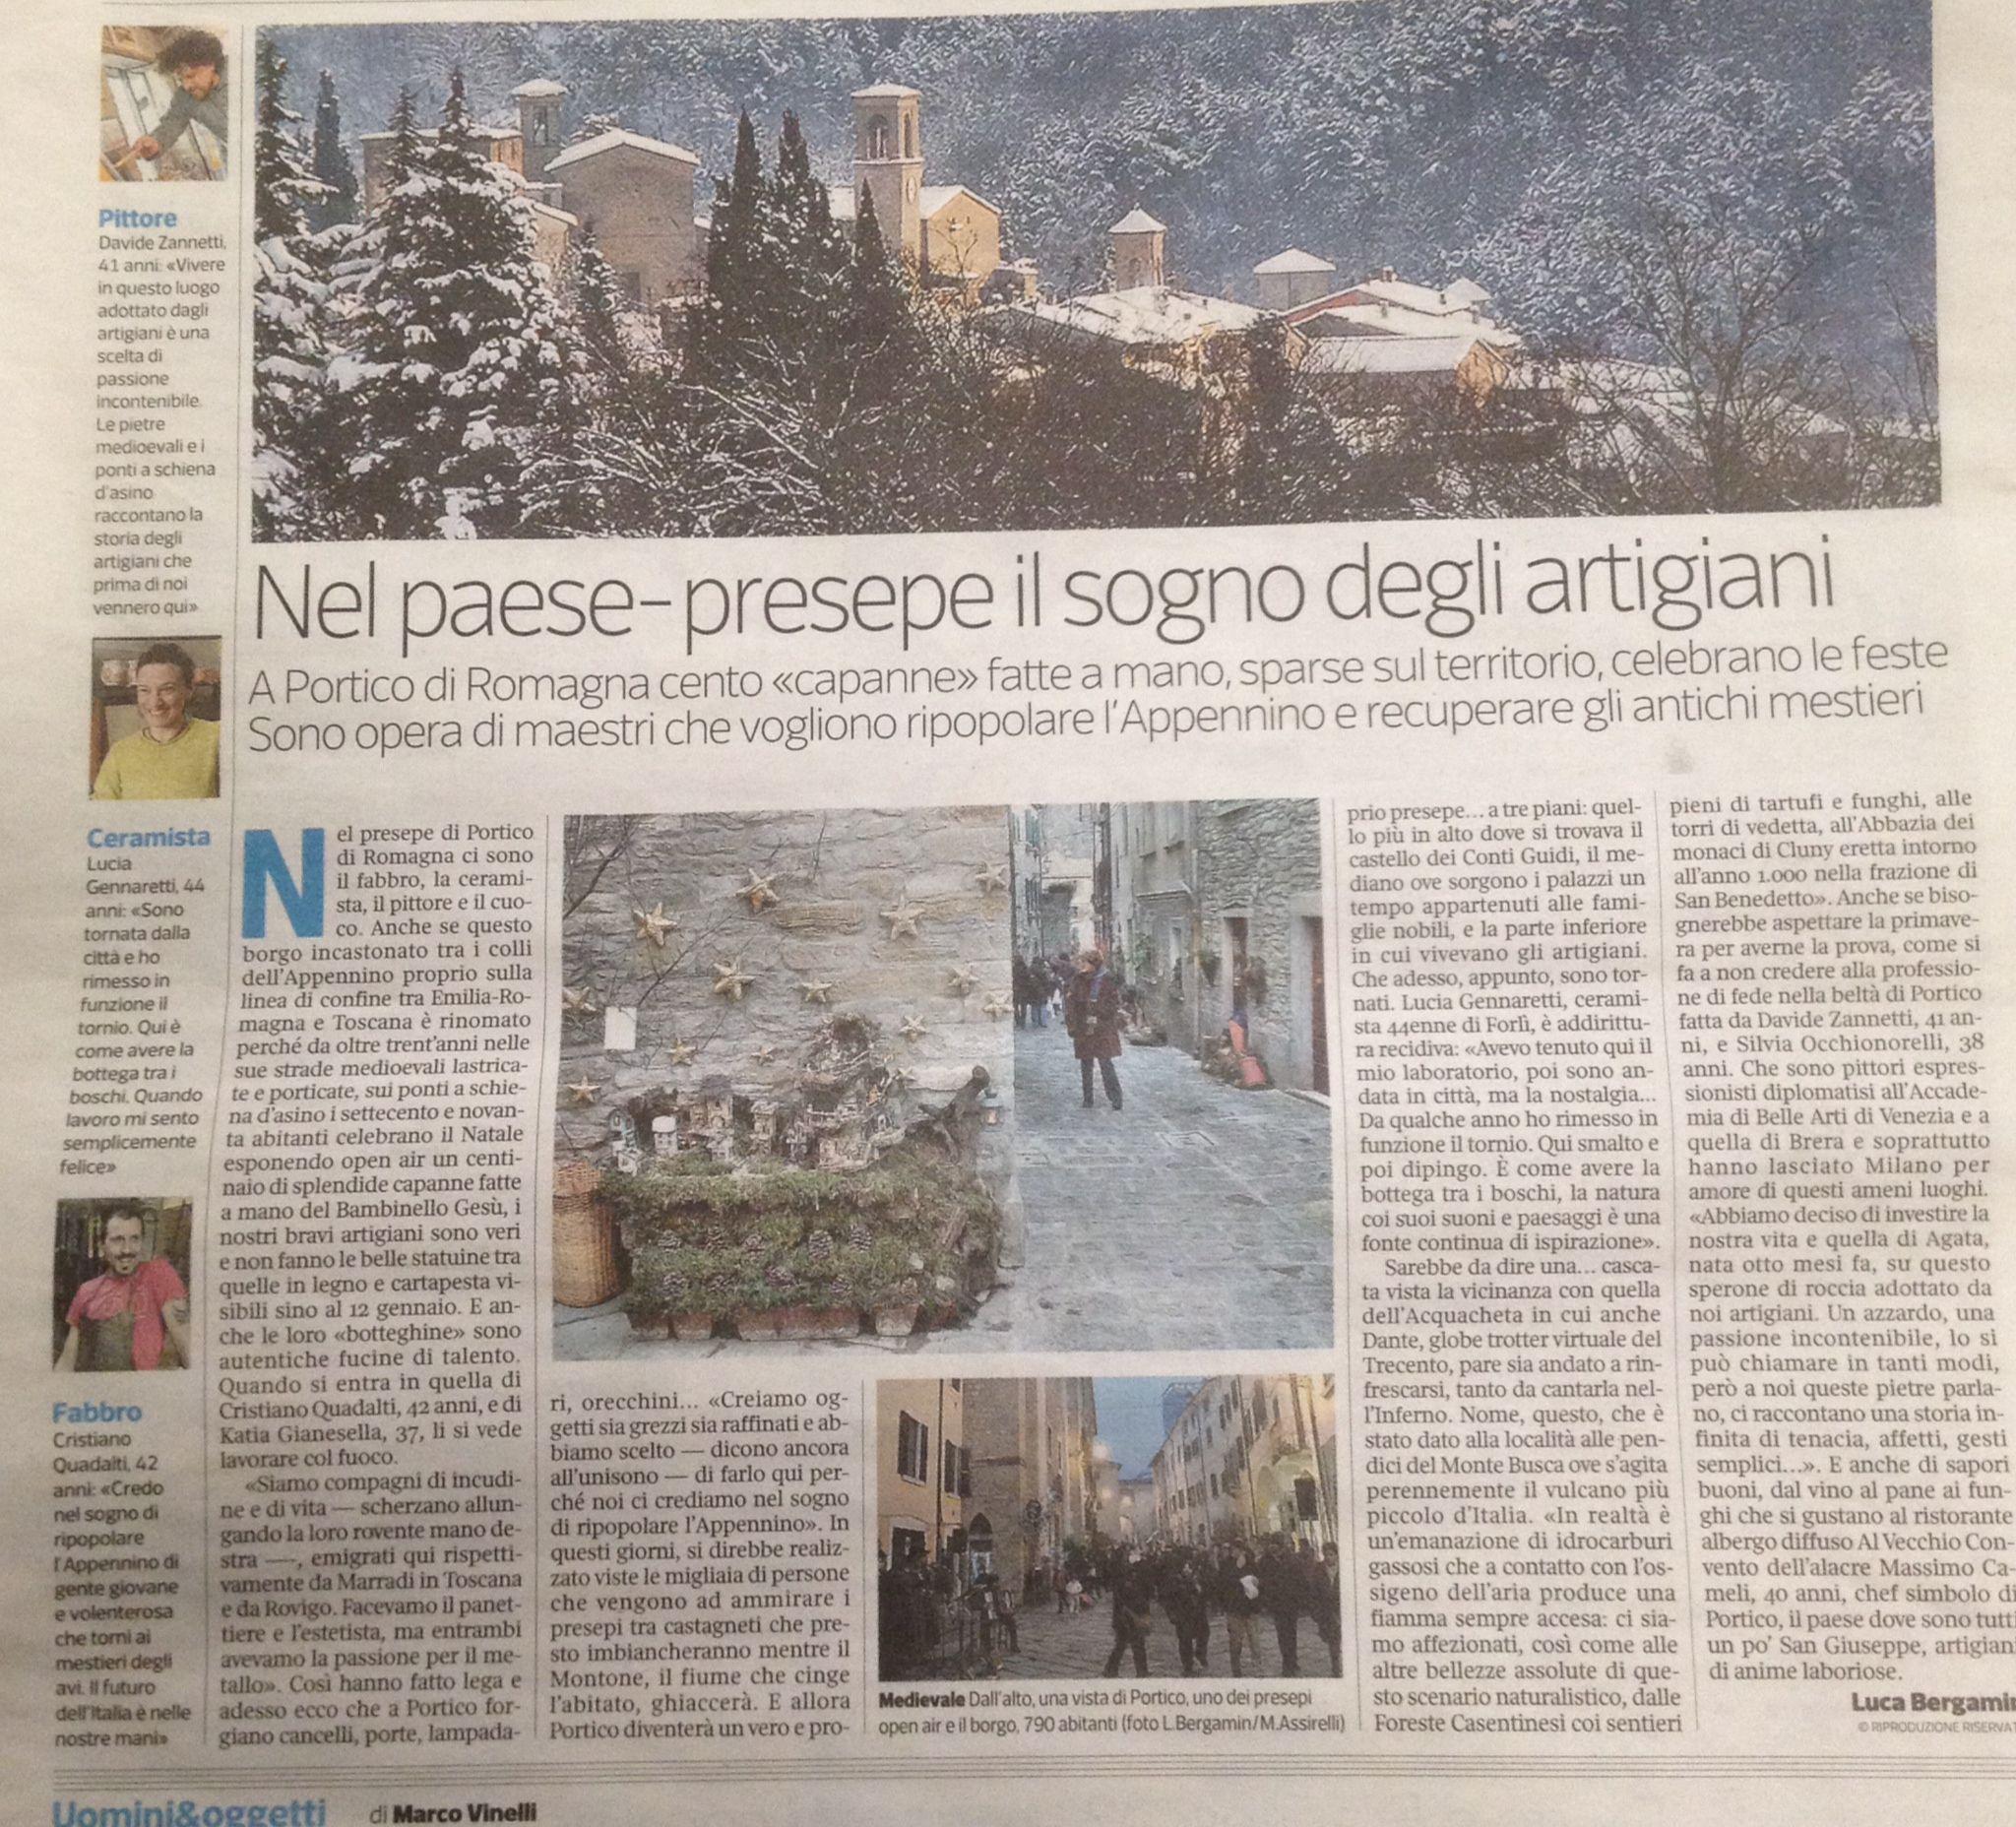 Un bel servizio su Portico sul Corriere della Sera pagina Nazionale!